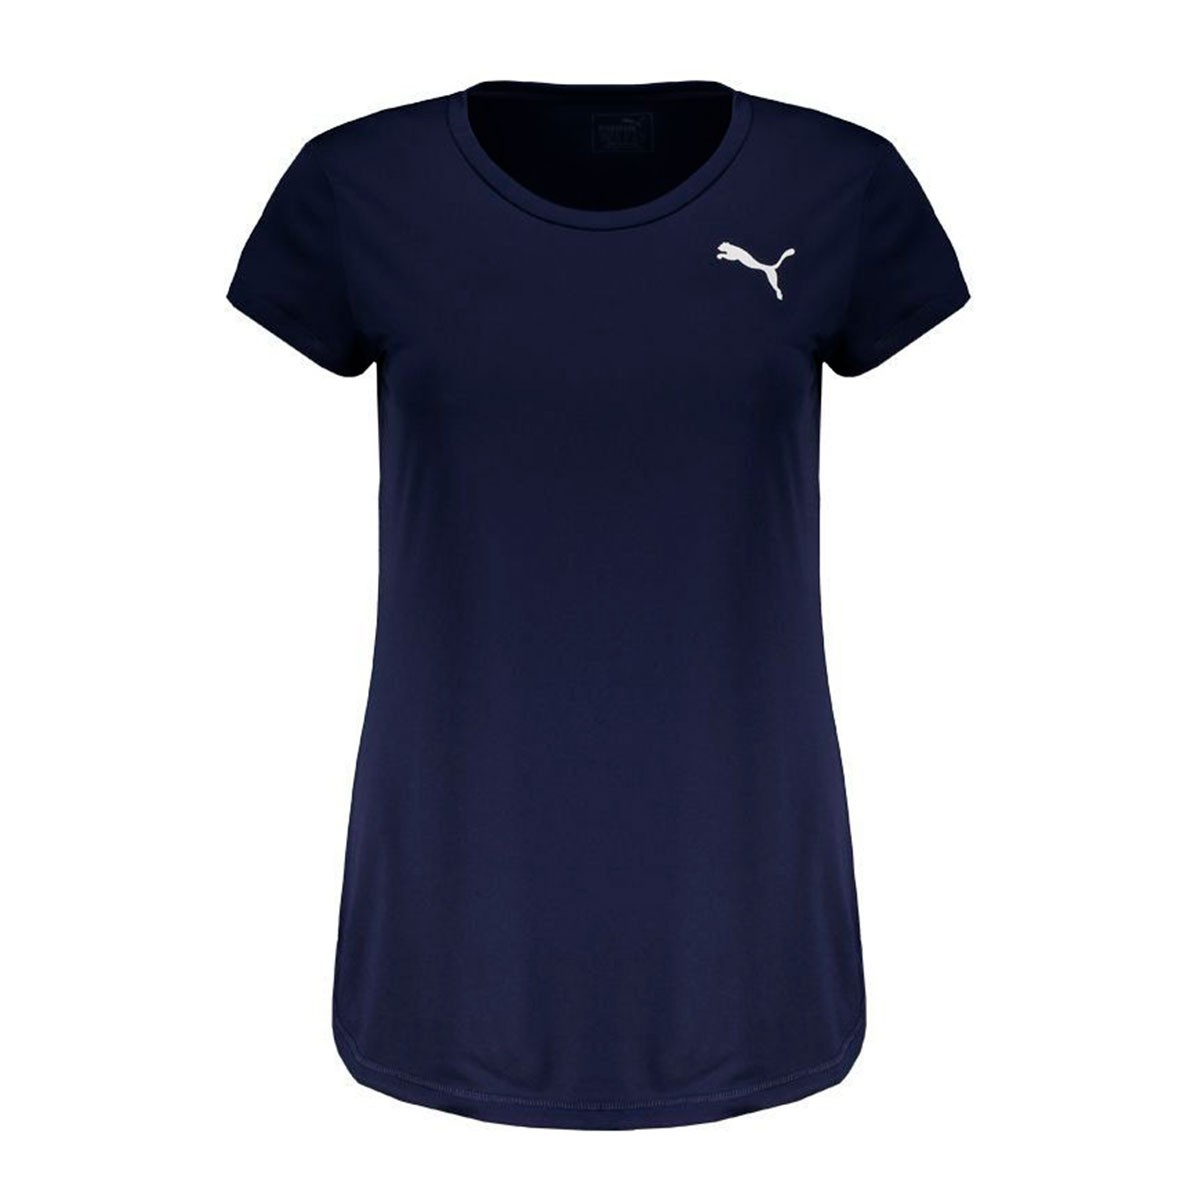 Camiseta Puma Active Feminina - Marinho